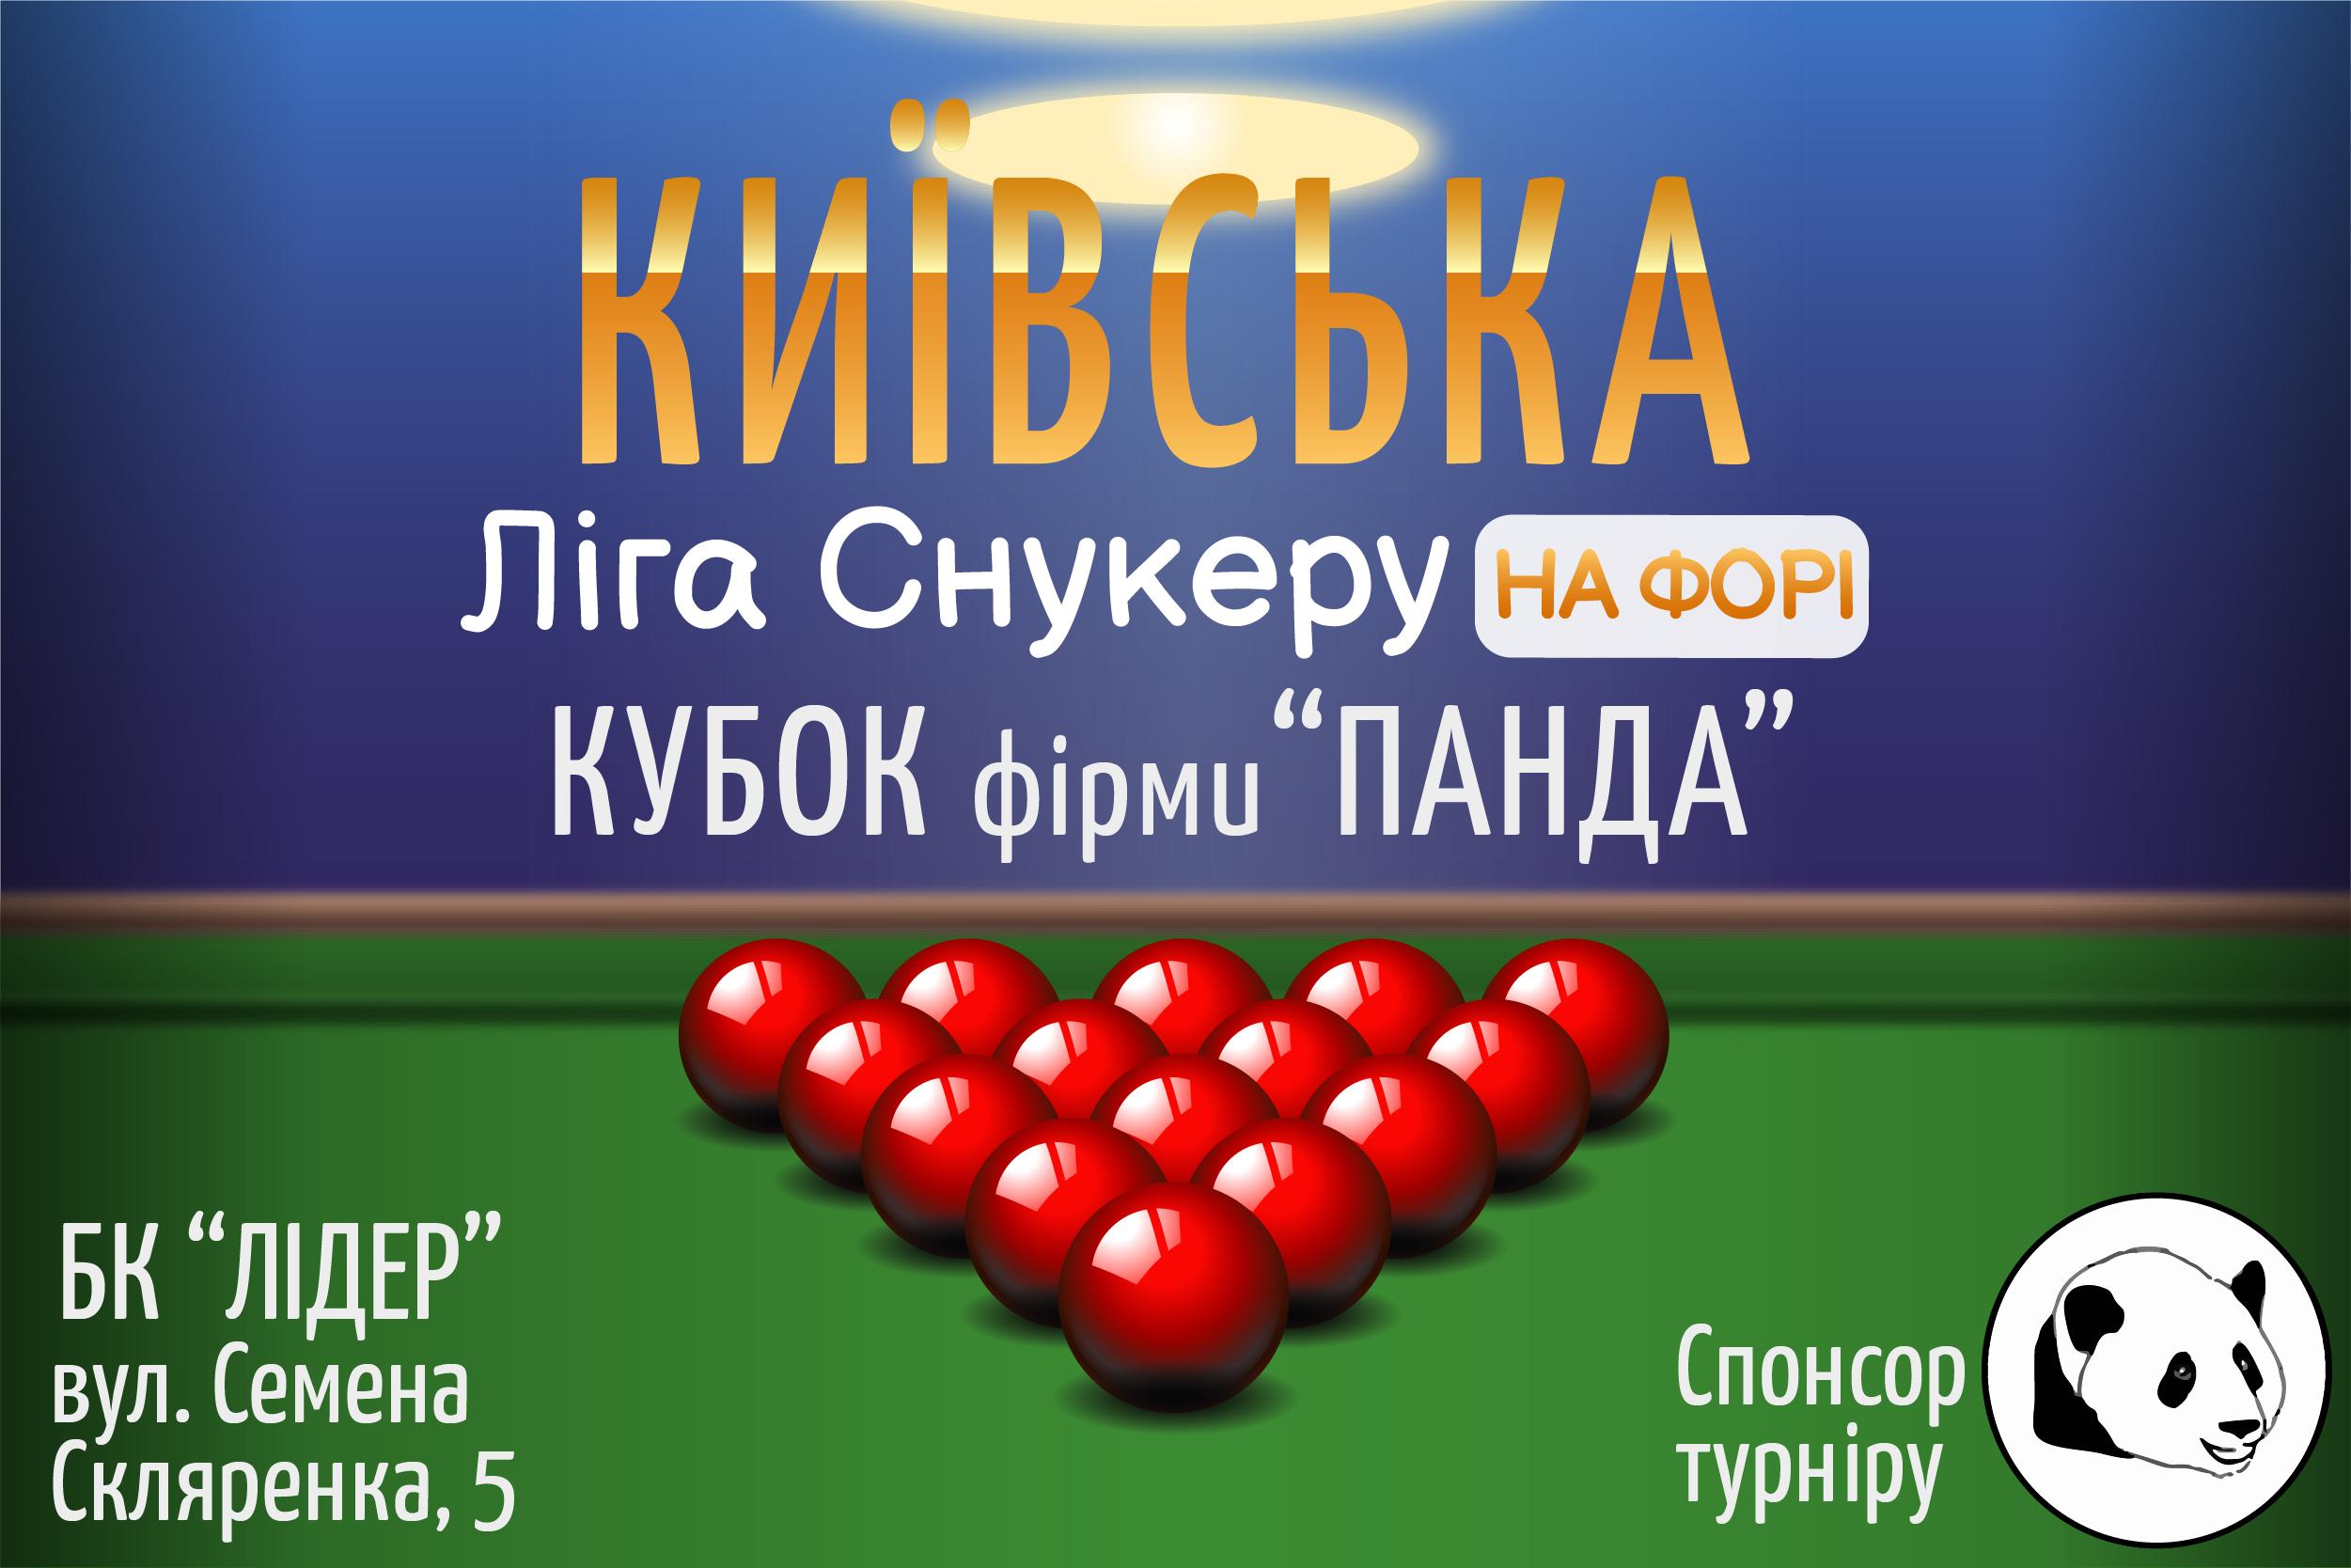 Київська Ліга Снукеру 2021 (на форі) - Кубок фірми